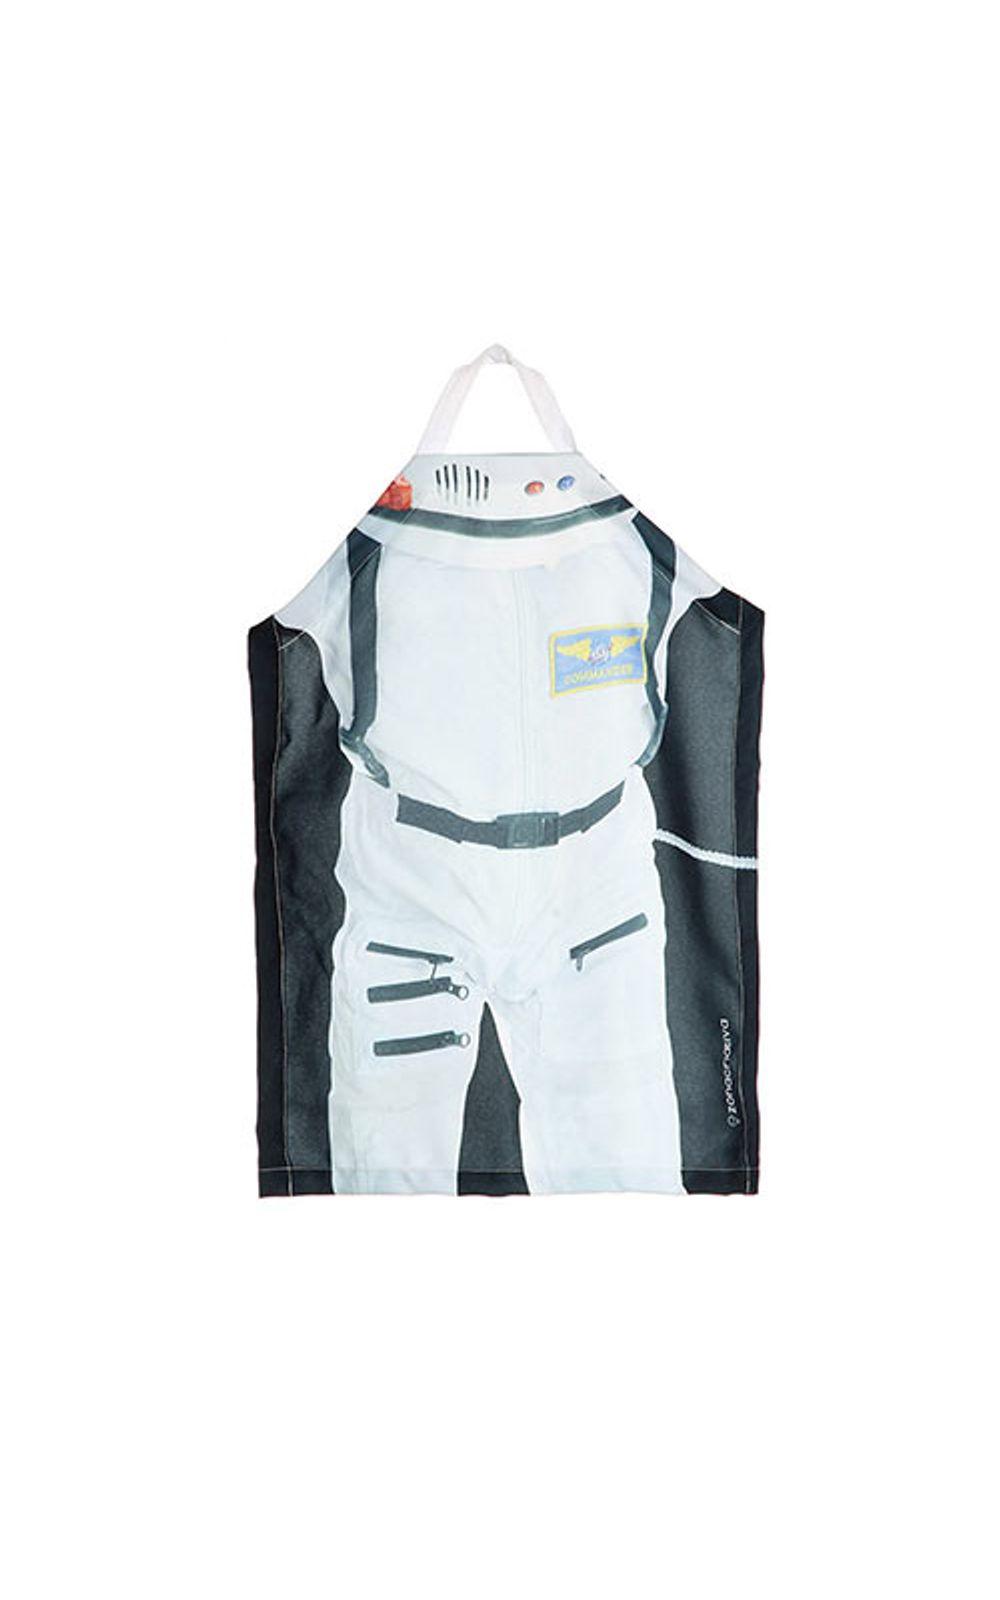 Foto 1 - Avental de Cozinha Infantil Astronauta